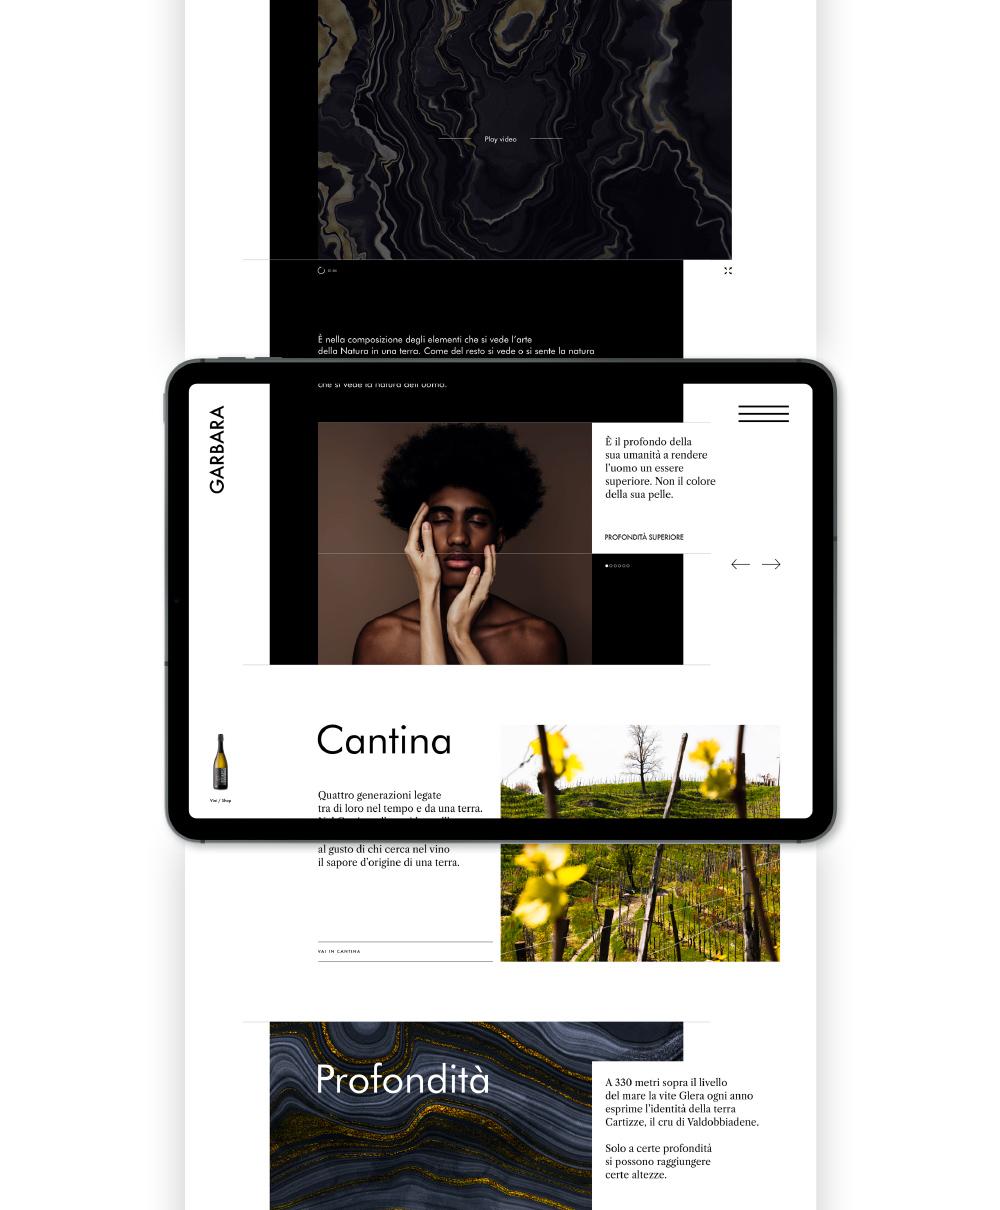 Garbara-sitoweb-3